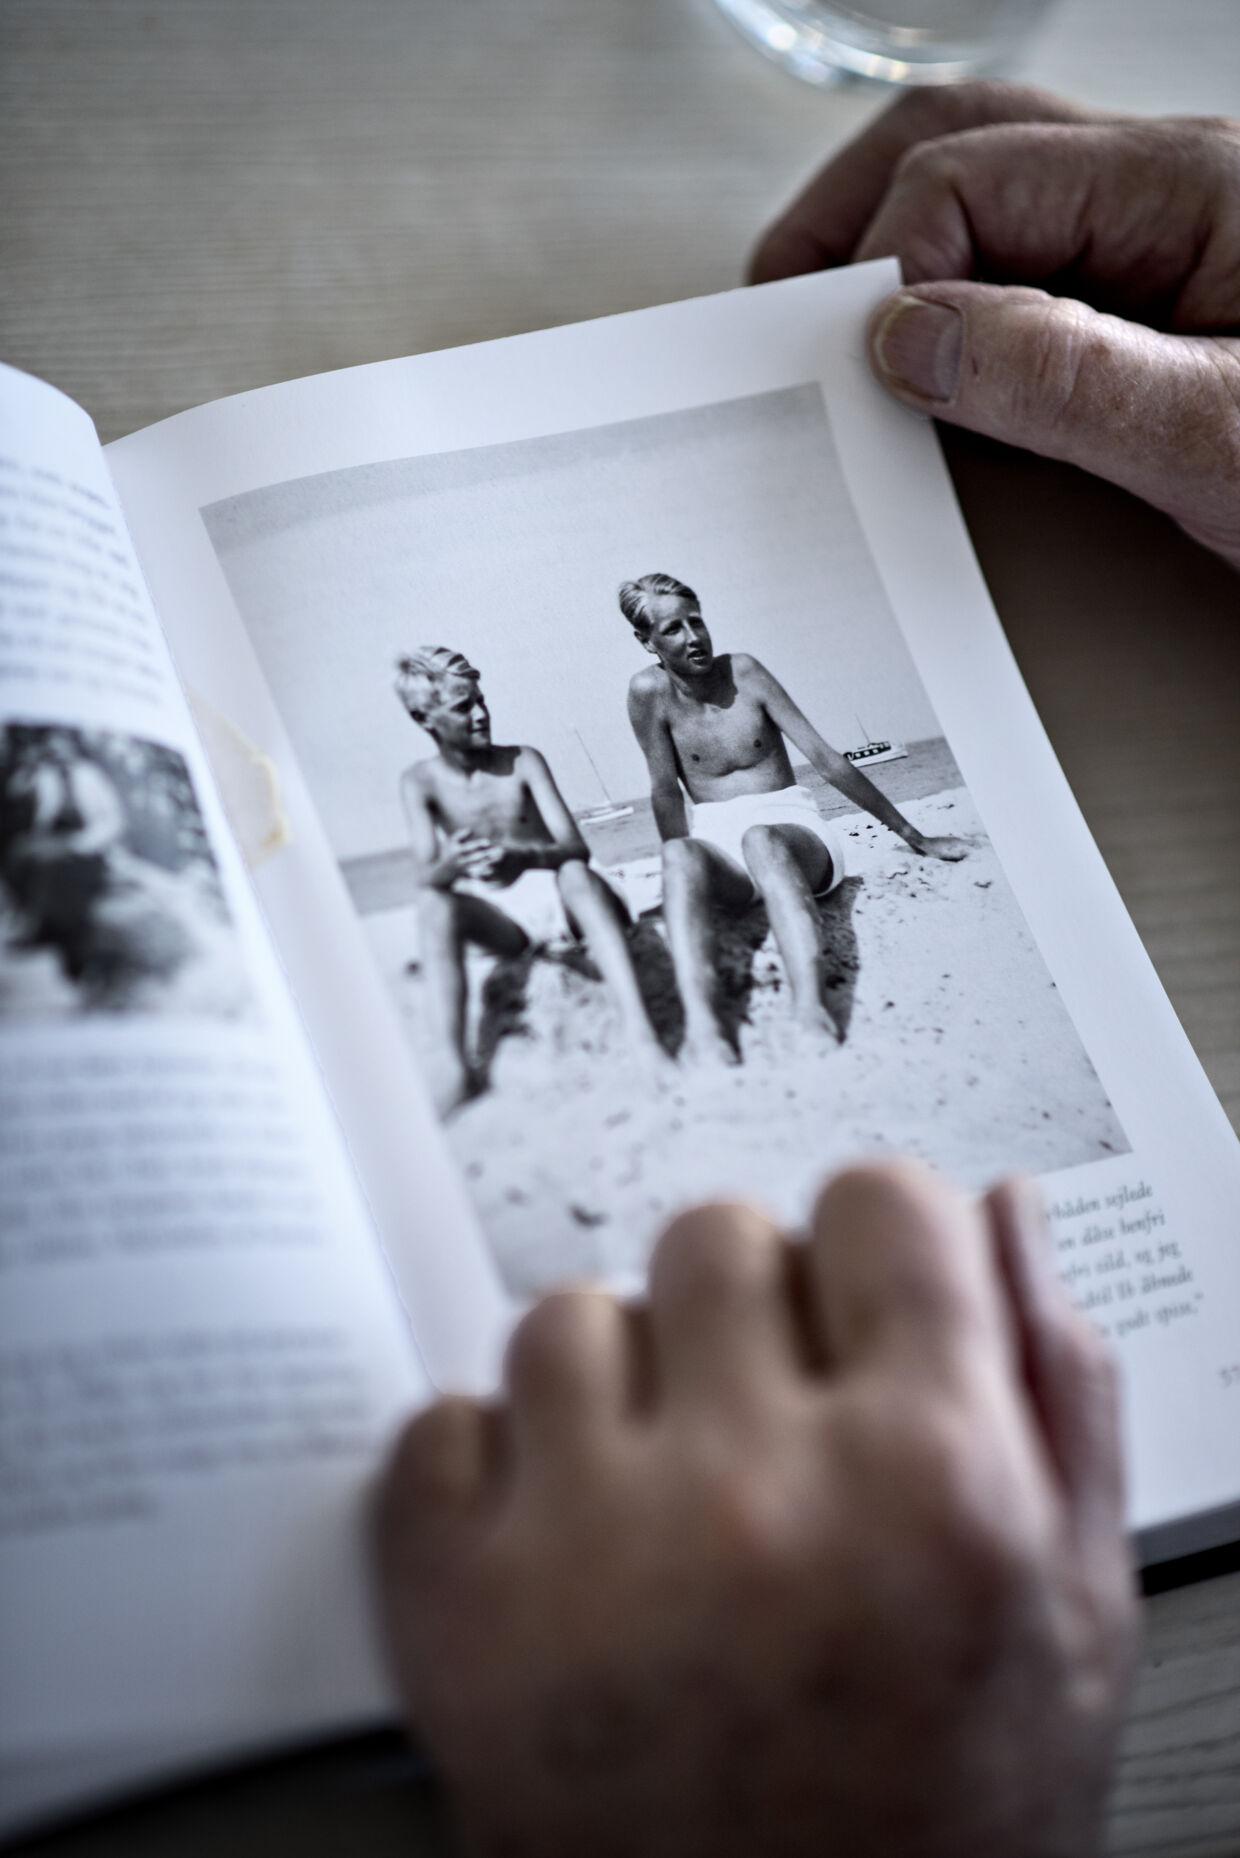 Bent Mejding bladrer i sine erindringer 'Mit liv som papegøje'. Her et foto af Bent selv og hans elskede storebror Ib.